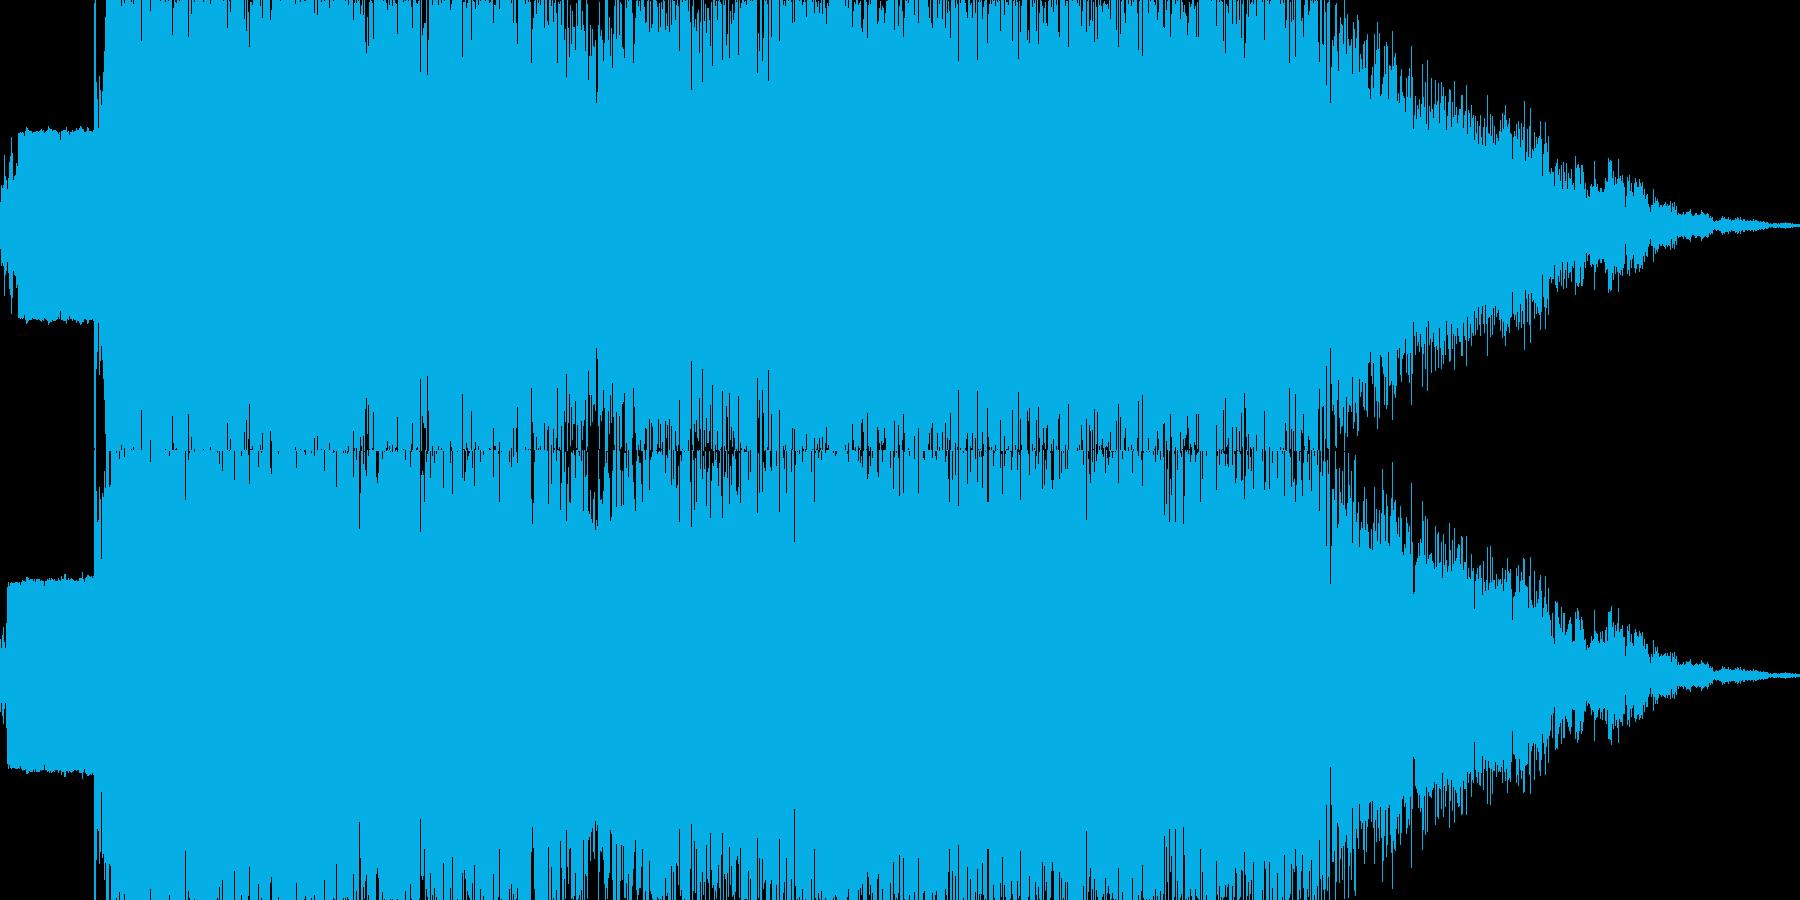 雷魔法(電撃のフィールドを展開)の再生済みの波形